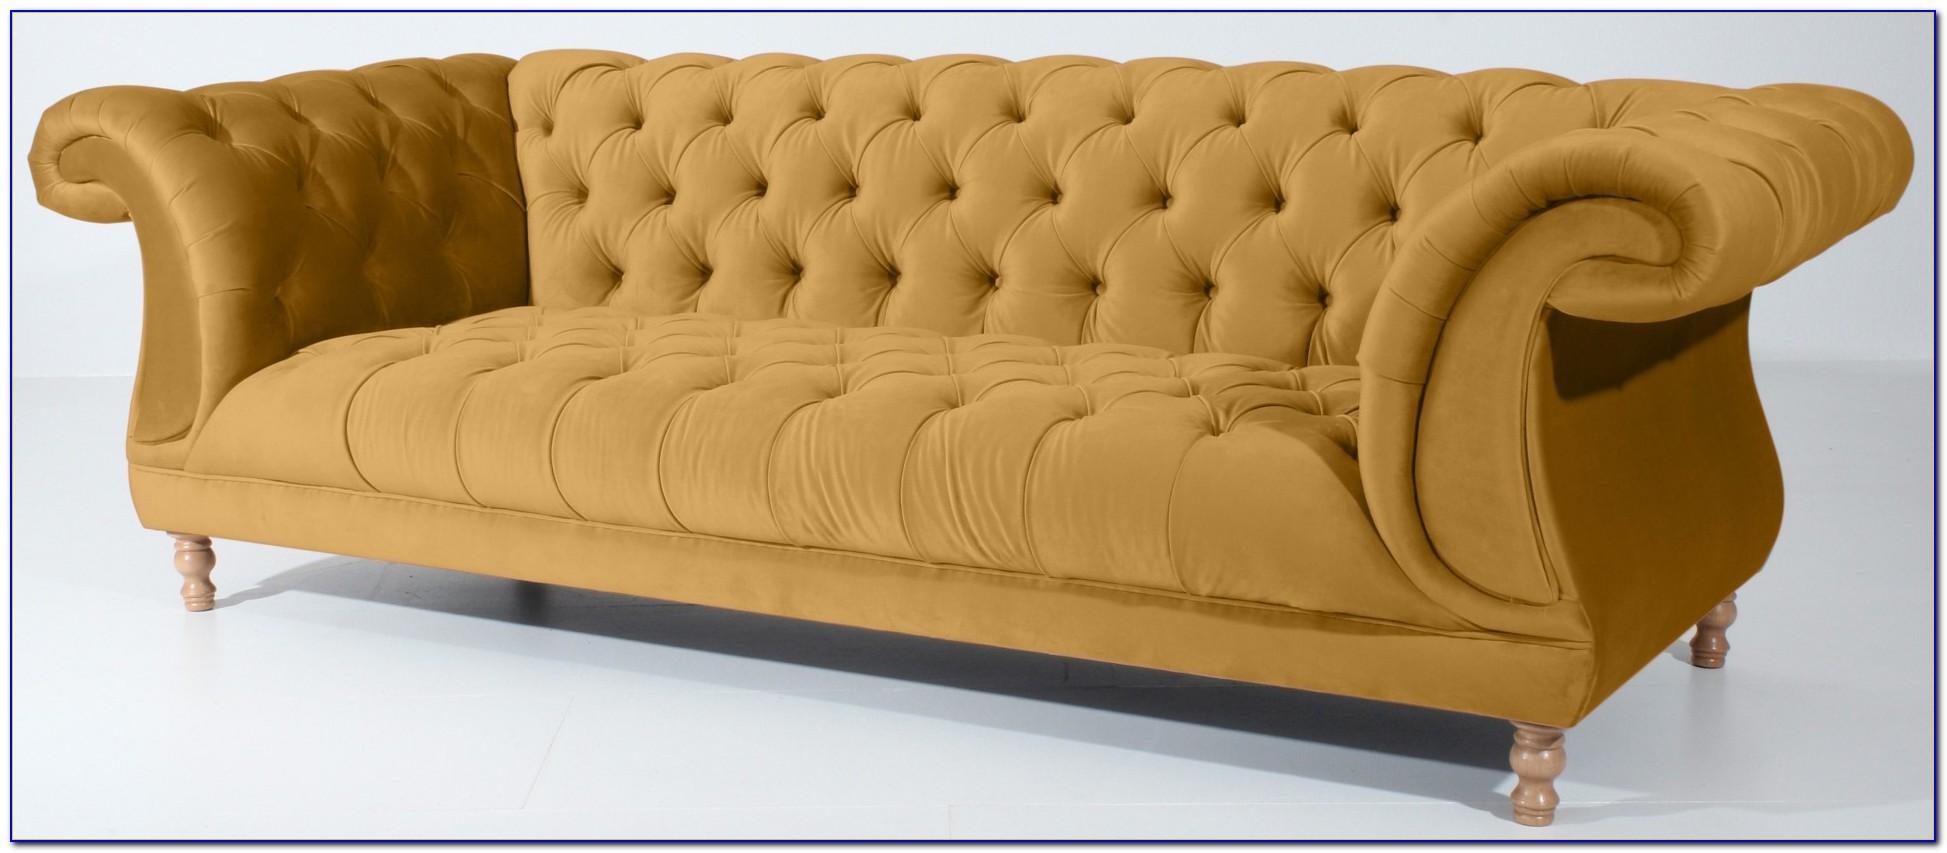 Full Size of Couch Ratenzahlung Mit Schufa Mbel Auf Rechnung Ohne Dolce Vizio Tiramisu Sofa Relaxfunktion 3 Sitzer Bett 200x200 Bettkasten Big Schlaffunktion Weiß Wohnzimmer Couch Ratenzahlung Mit Schufa